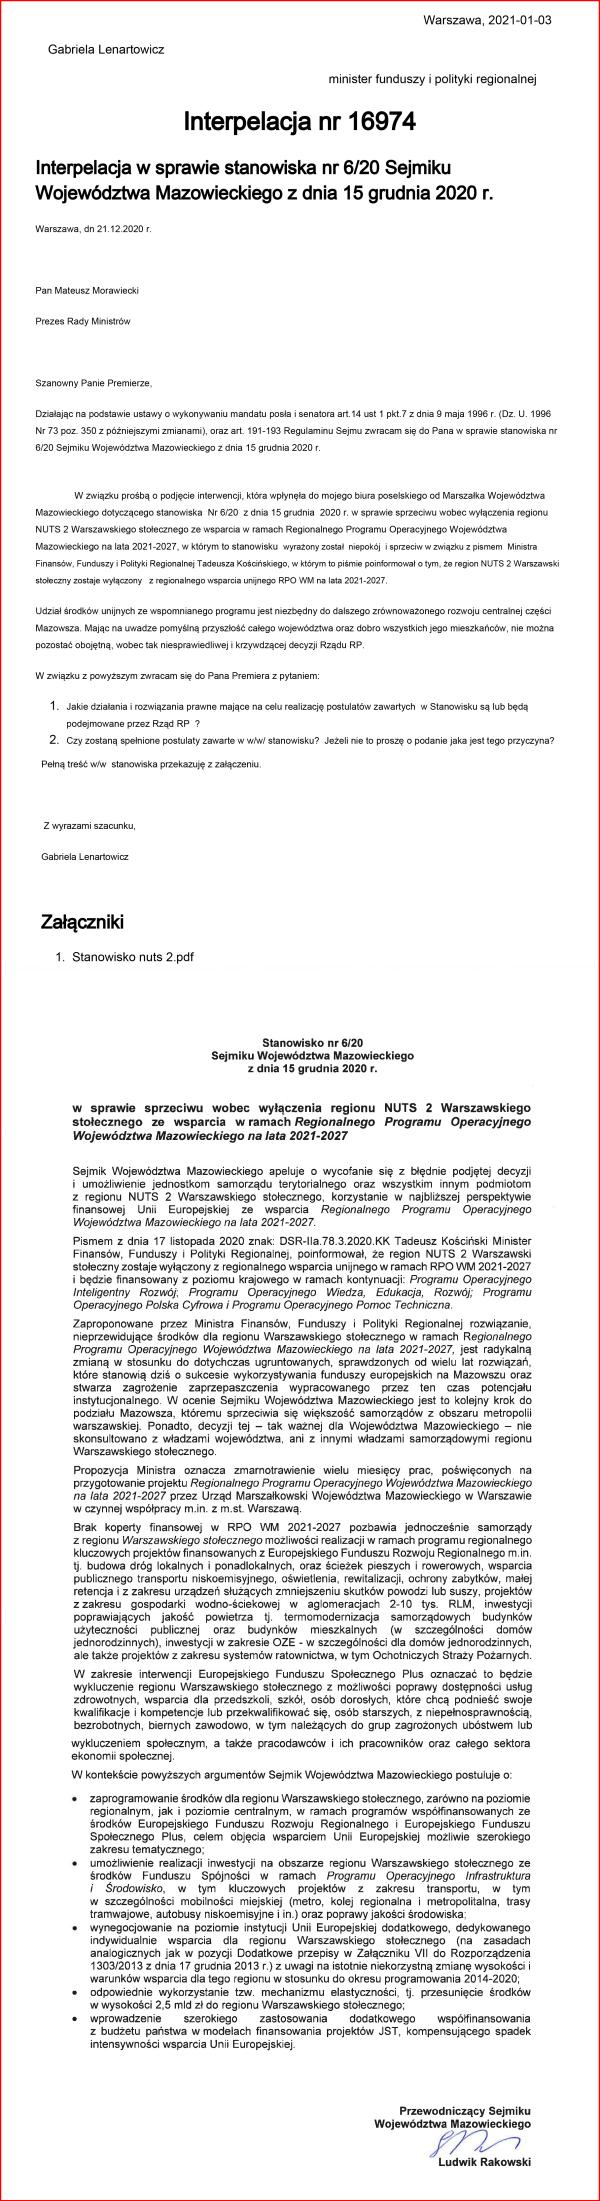 Interpelacja 16974 w sprawie stanowiska sejmiku w mazowieckiego-1